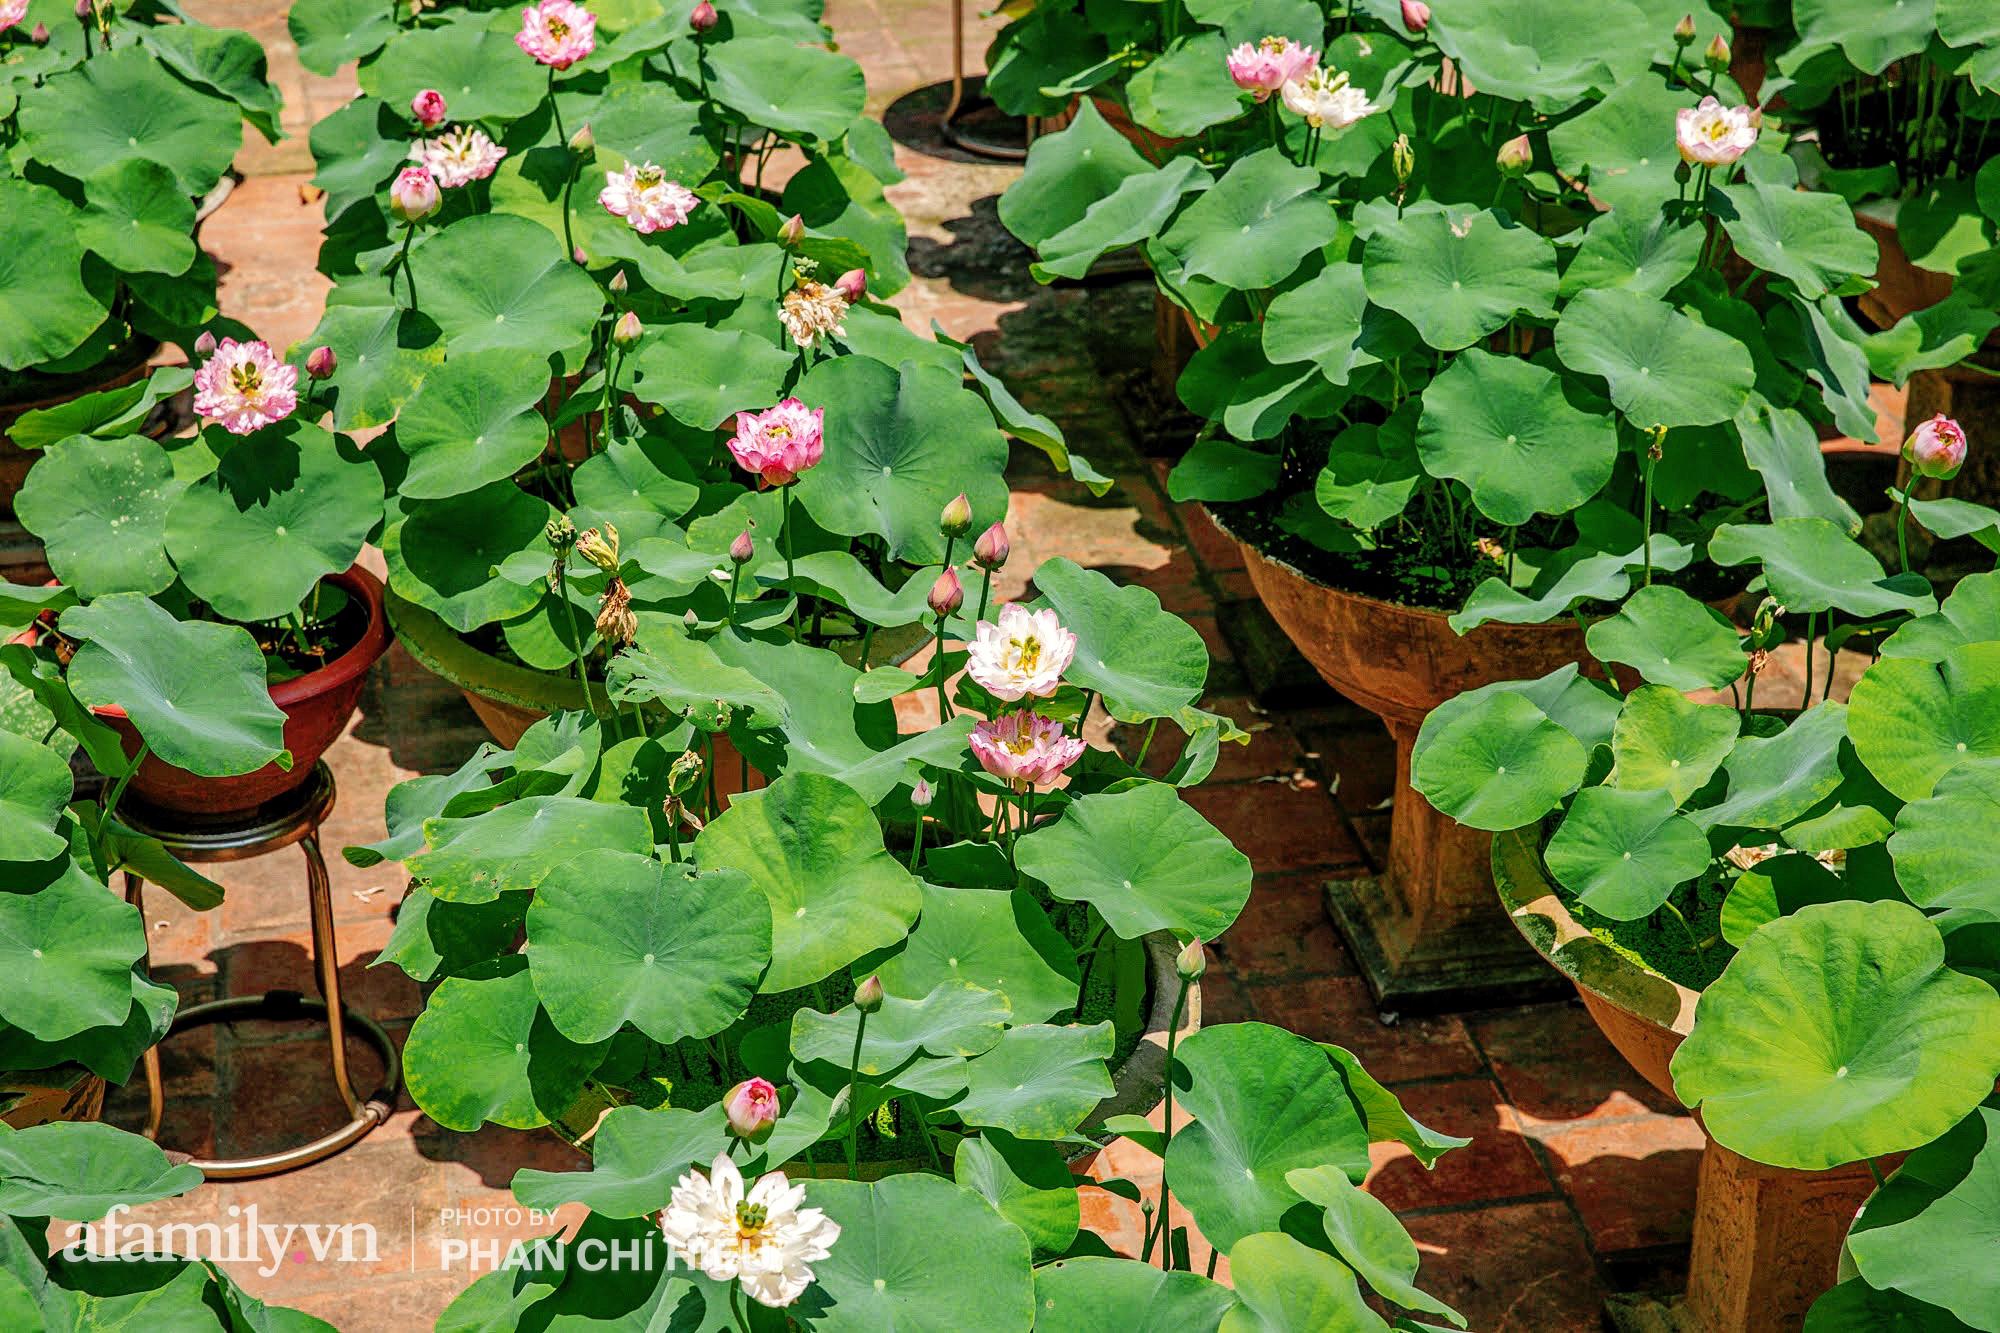 Độc đáo với thú chơi sen cung đình Huế tại Hà Nội, nở hoa tuyệt đẹp giữa ngôi nhà cổ trăm năm tuổi khiến bao người mê mẩn - Ảnh 10.